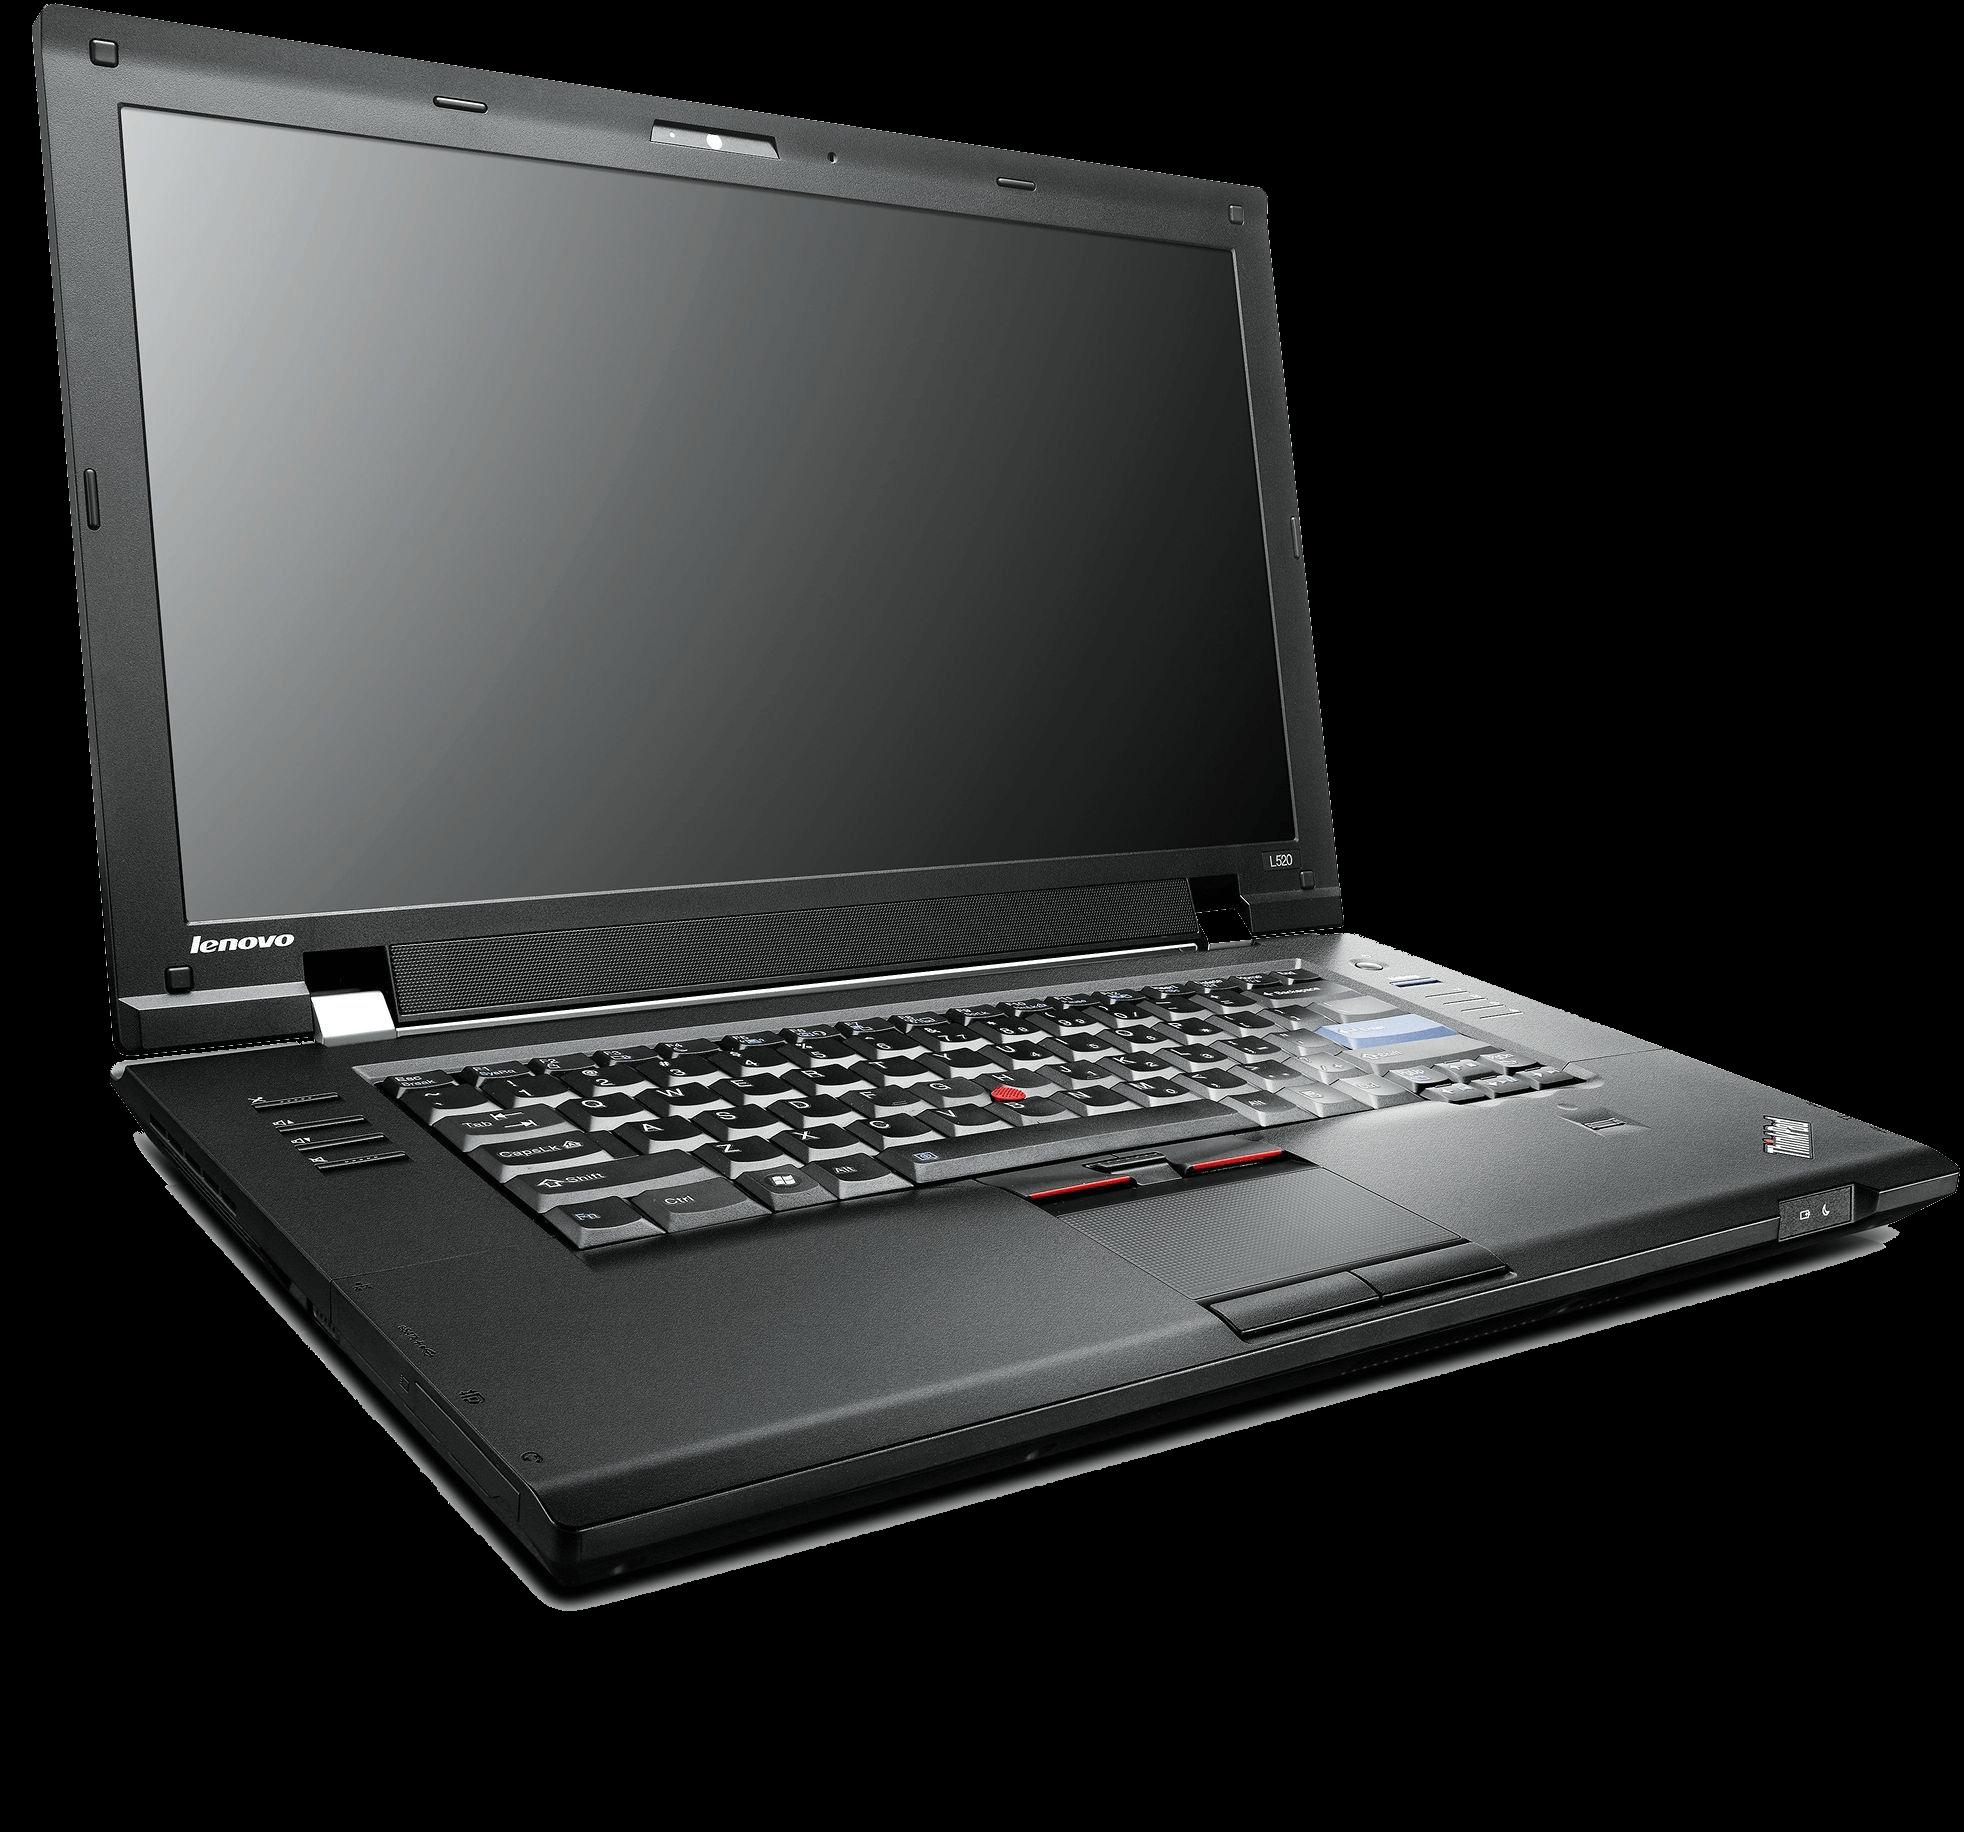 Free PNG Laptop - 44492